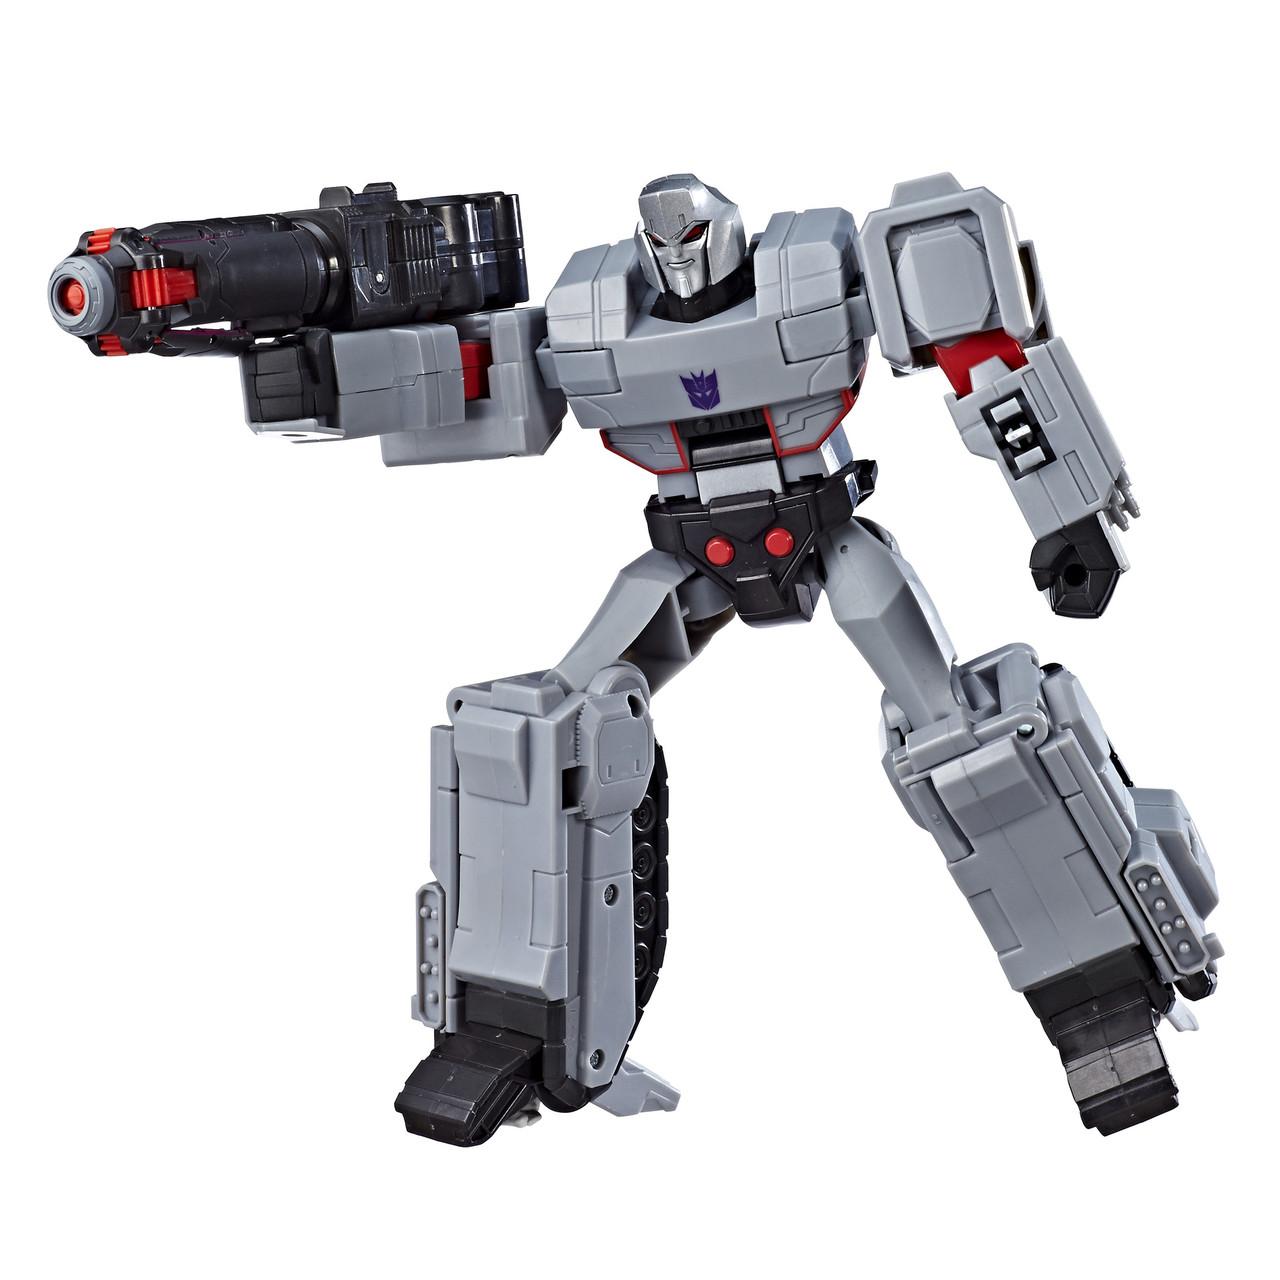 Робот-трансформер Мегатрон, Hasbro, Кибервселенная 28 см - Megatron, Mega Shoot, Cyberverse, Ultimate Class